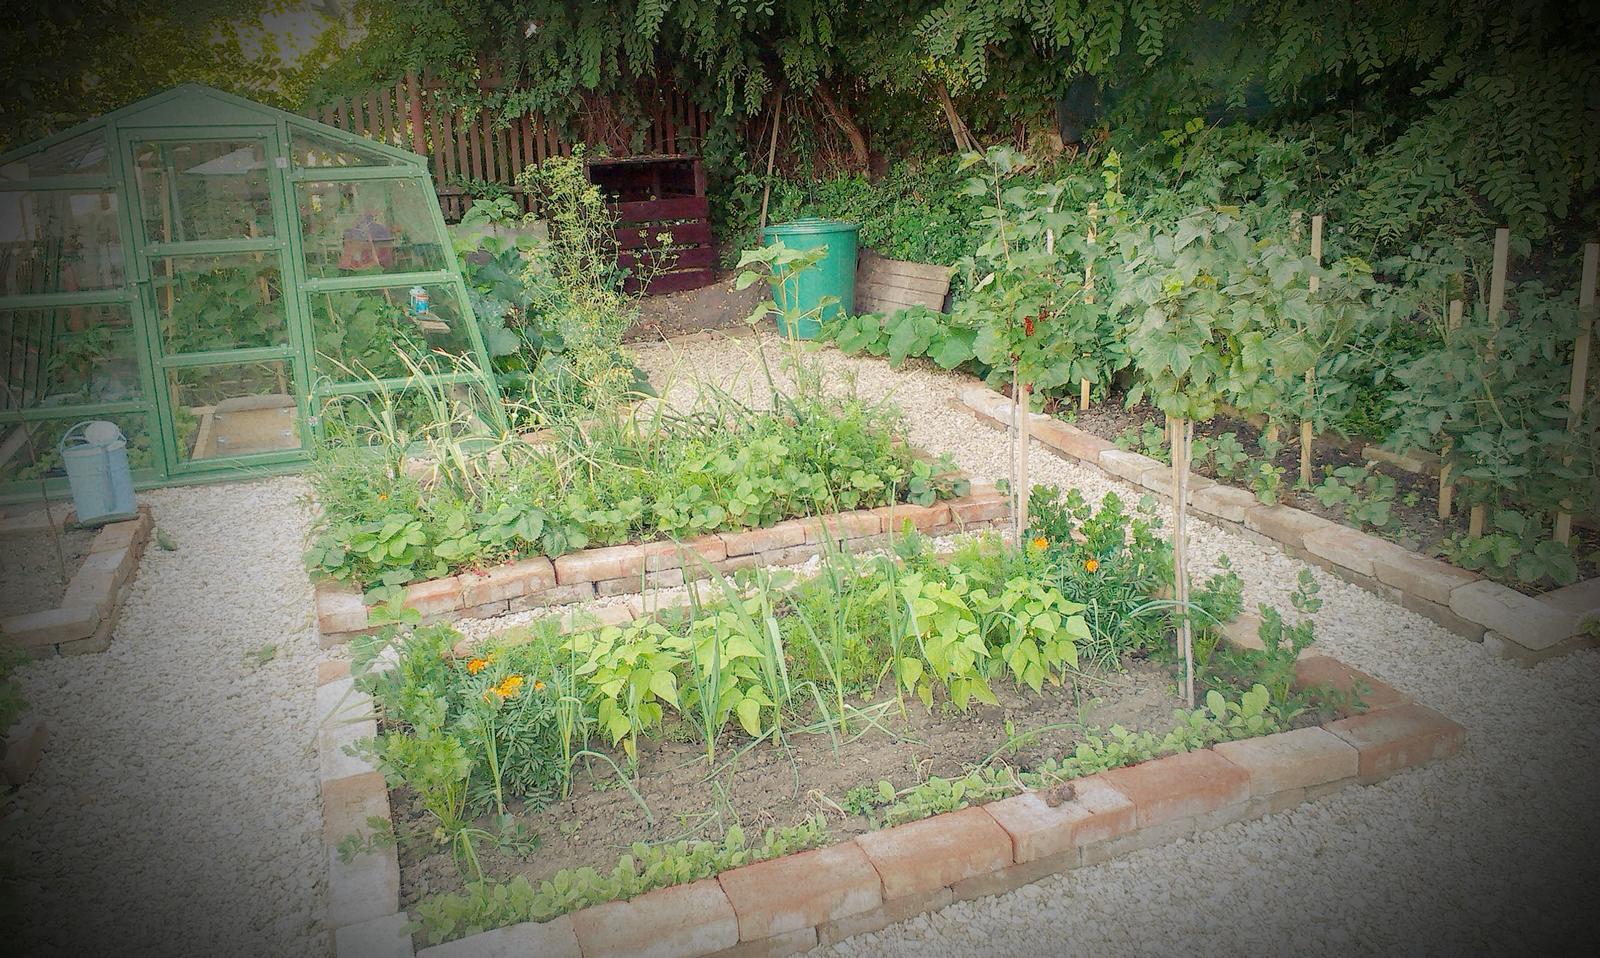 Záhrada - Záhrada v plnej polnej :-)